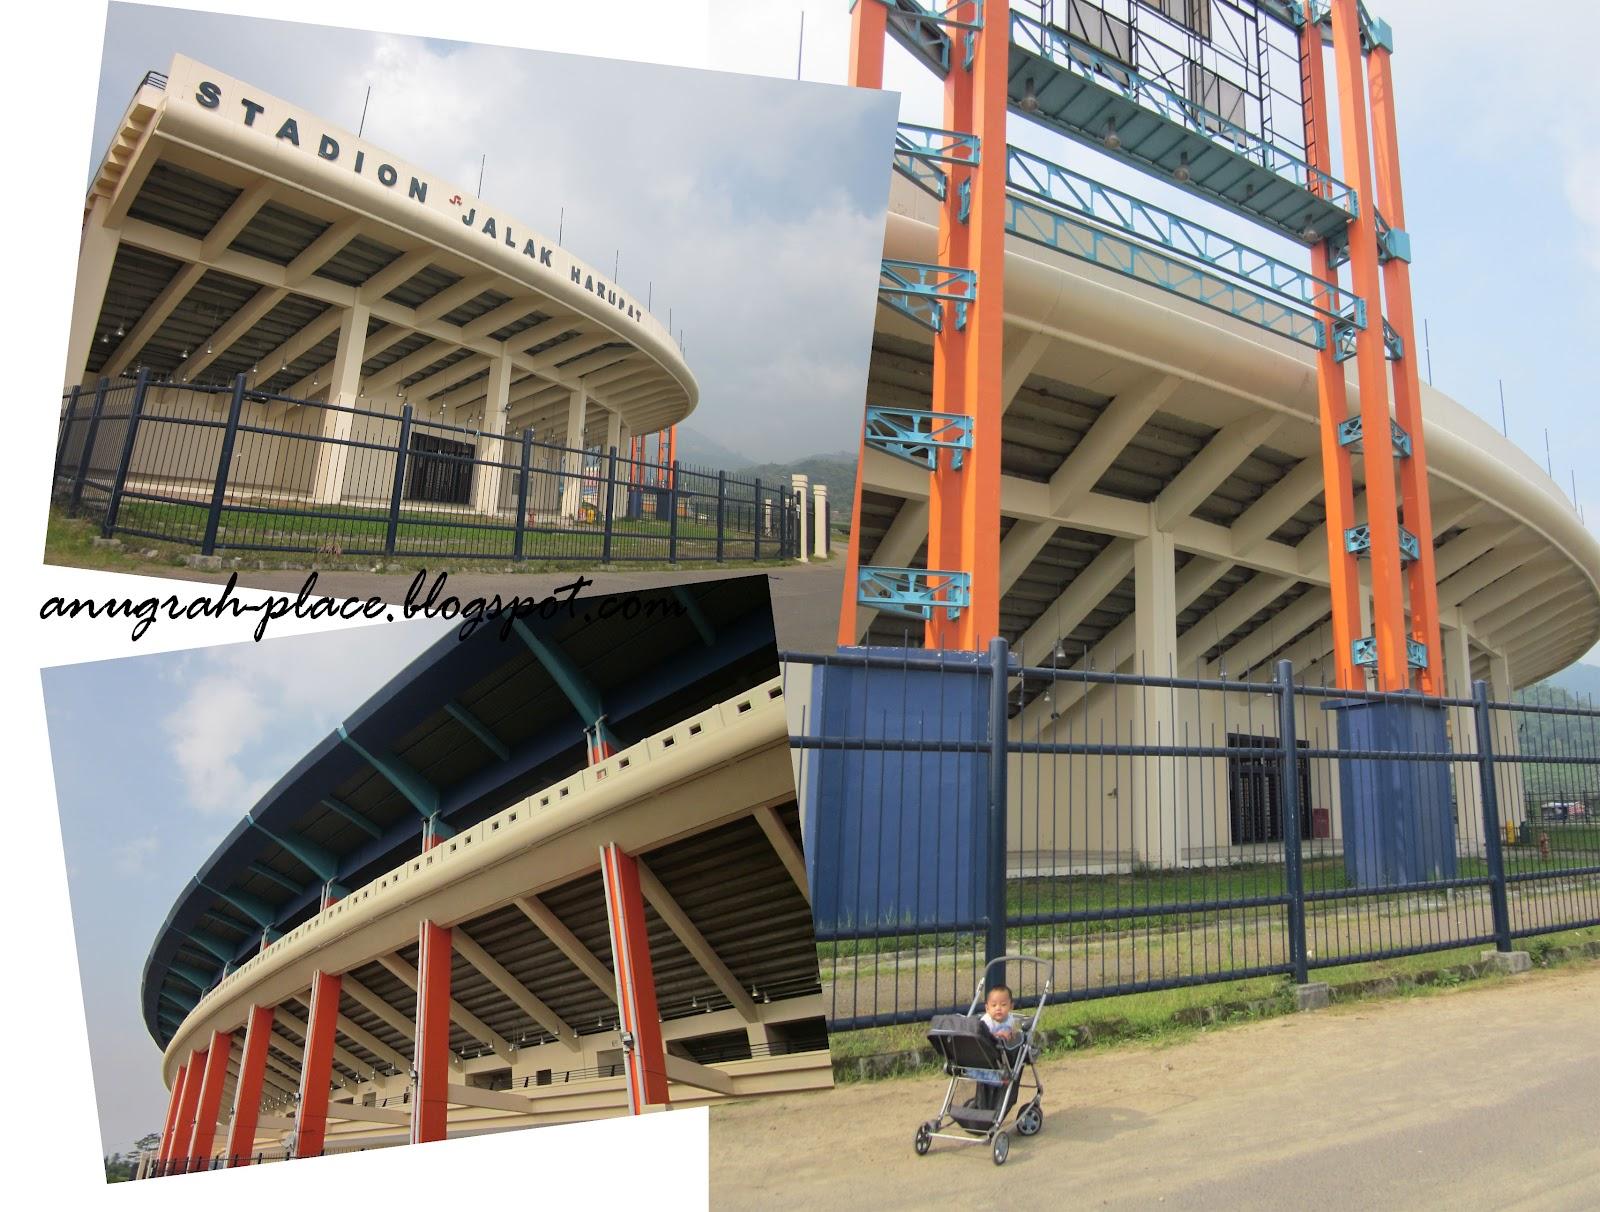 Stadion Jalak Harupat Favorite Corner Terletak Soreang Kabupaten Bandung Jauuuuuh